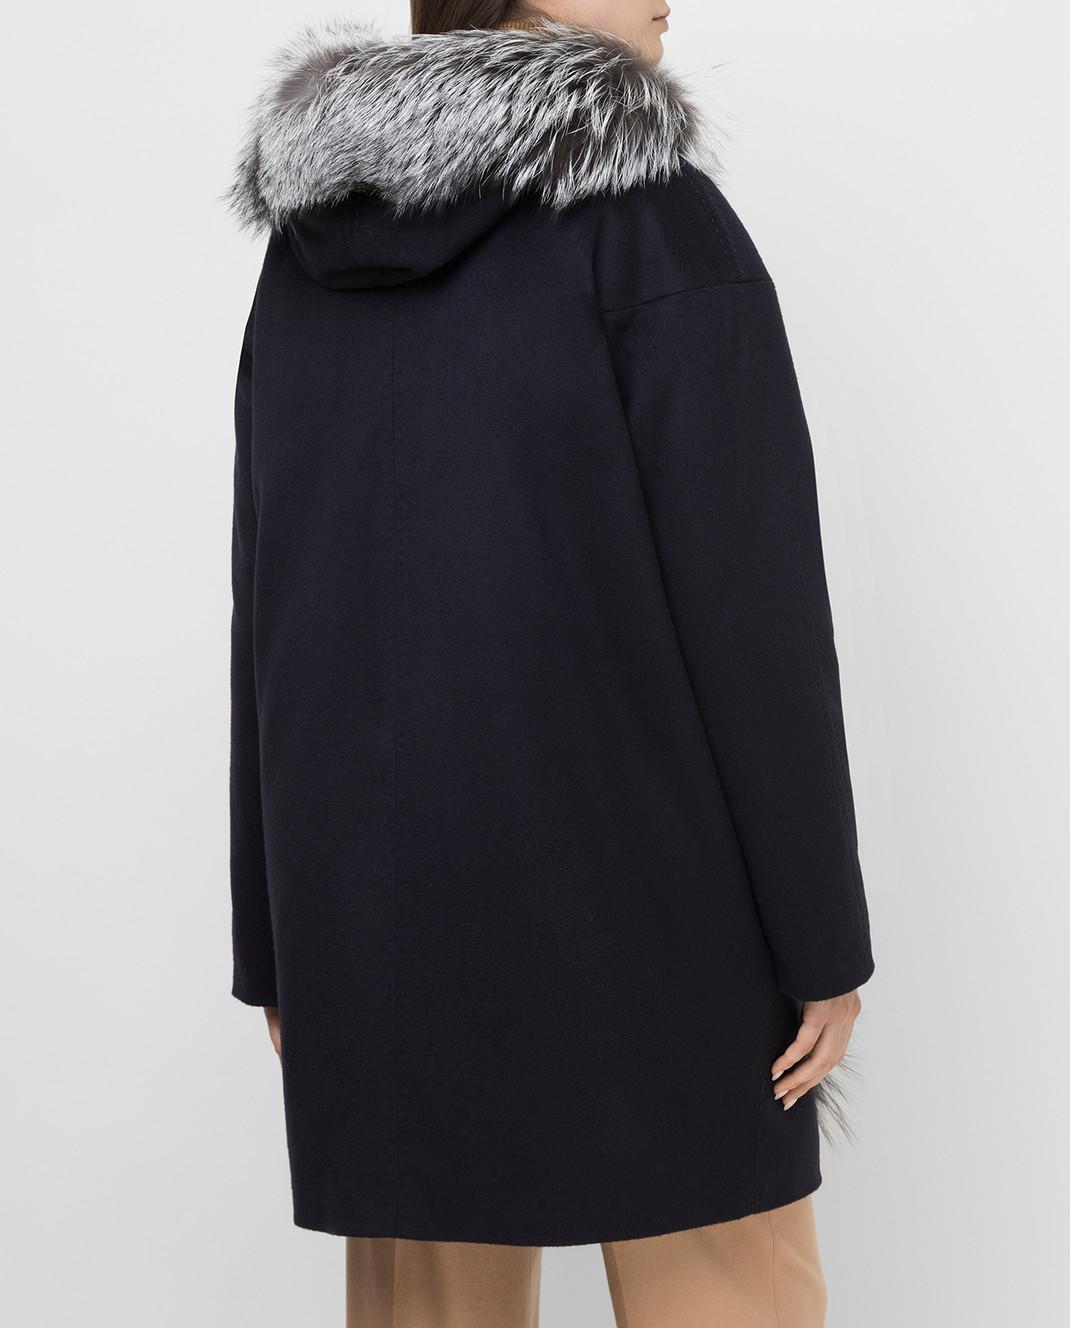 Via Cappella Темно-синее пальто из кашемира с мехом лисы P11785CASHMERE изображение 4